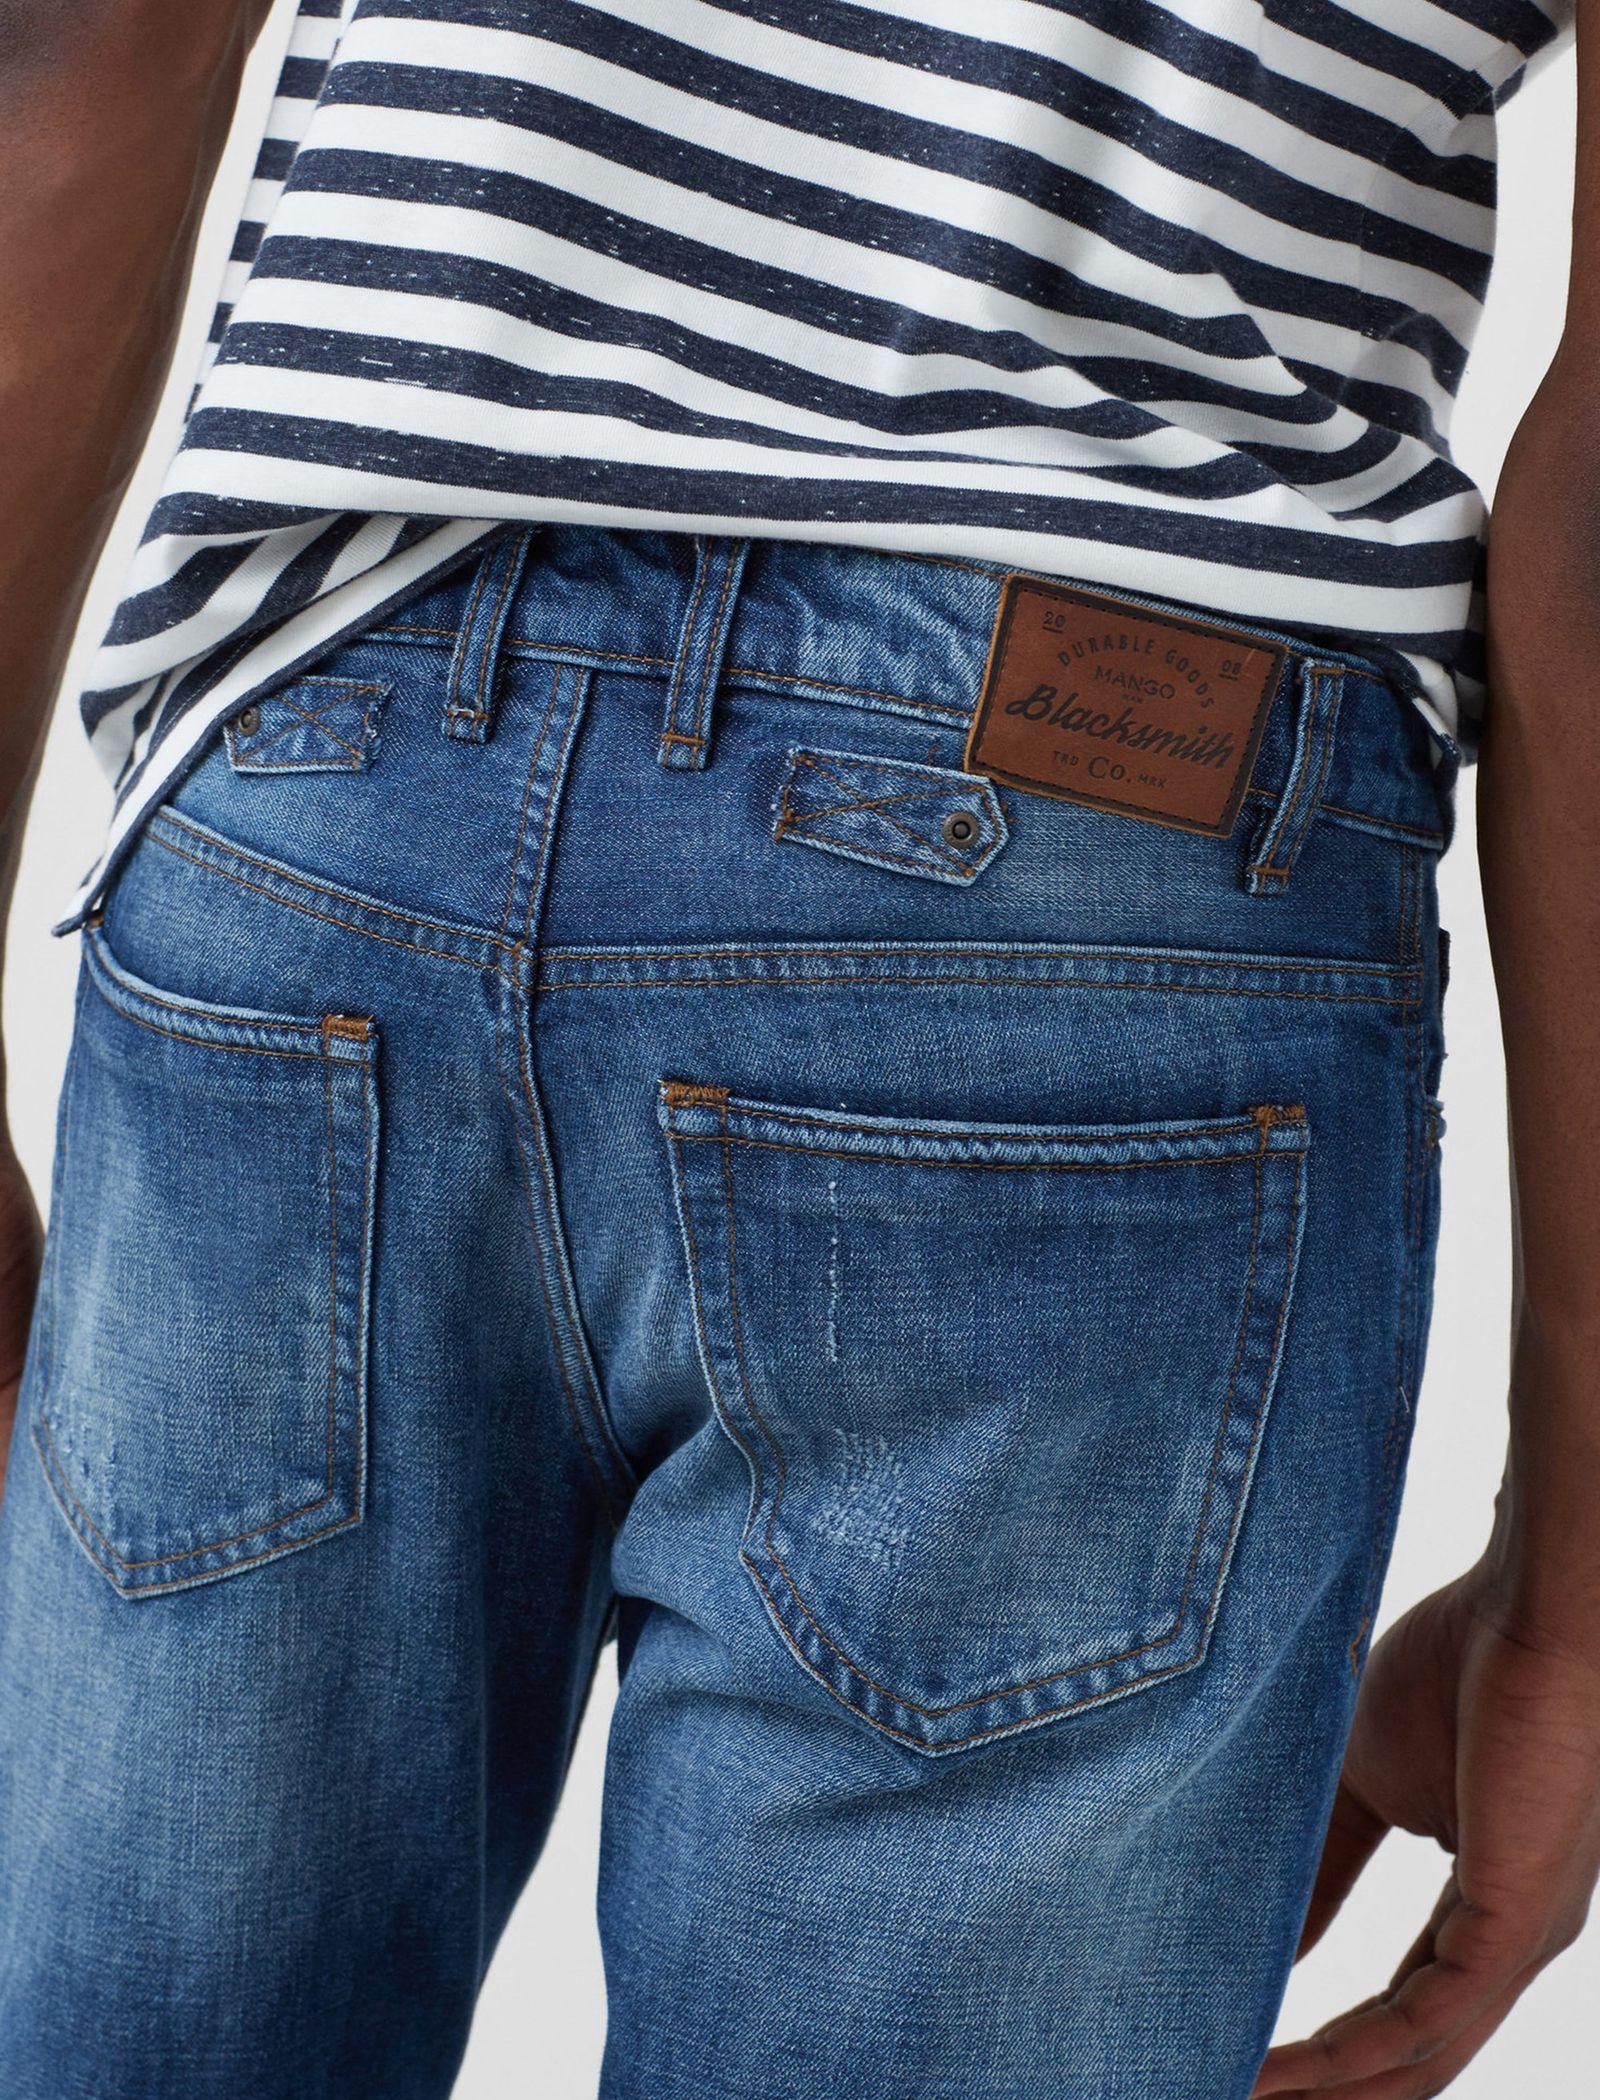 شلوار جین جذب مردانه - مانگو - آبي روشن - 6